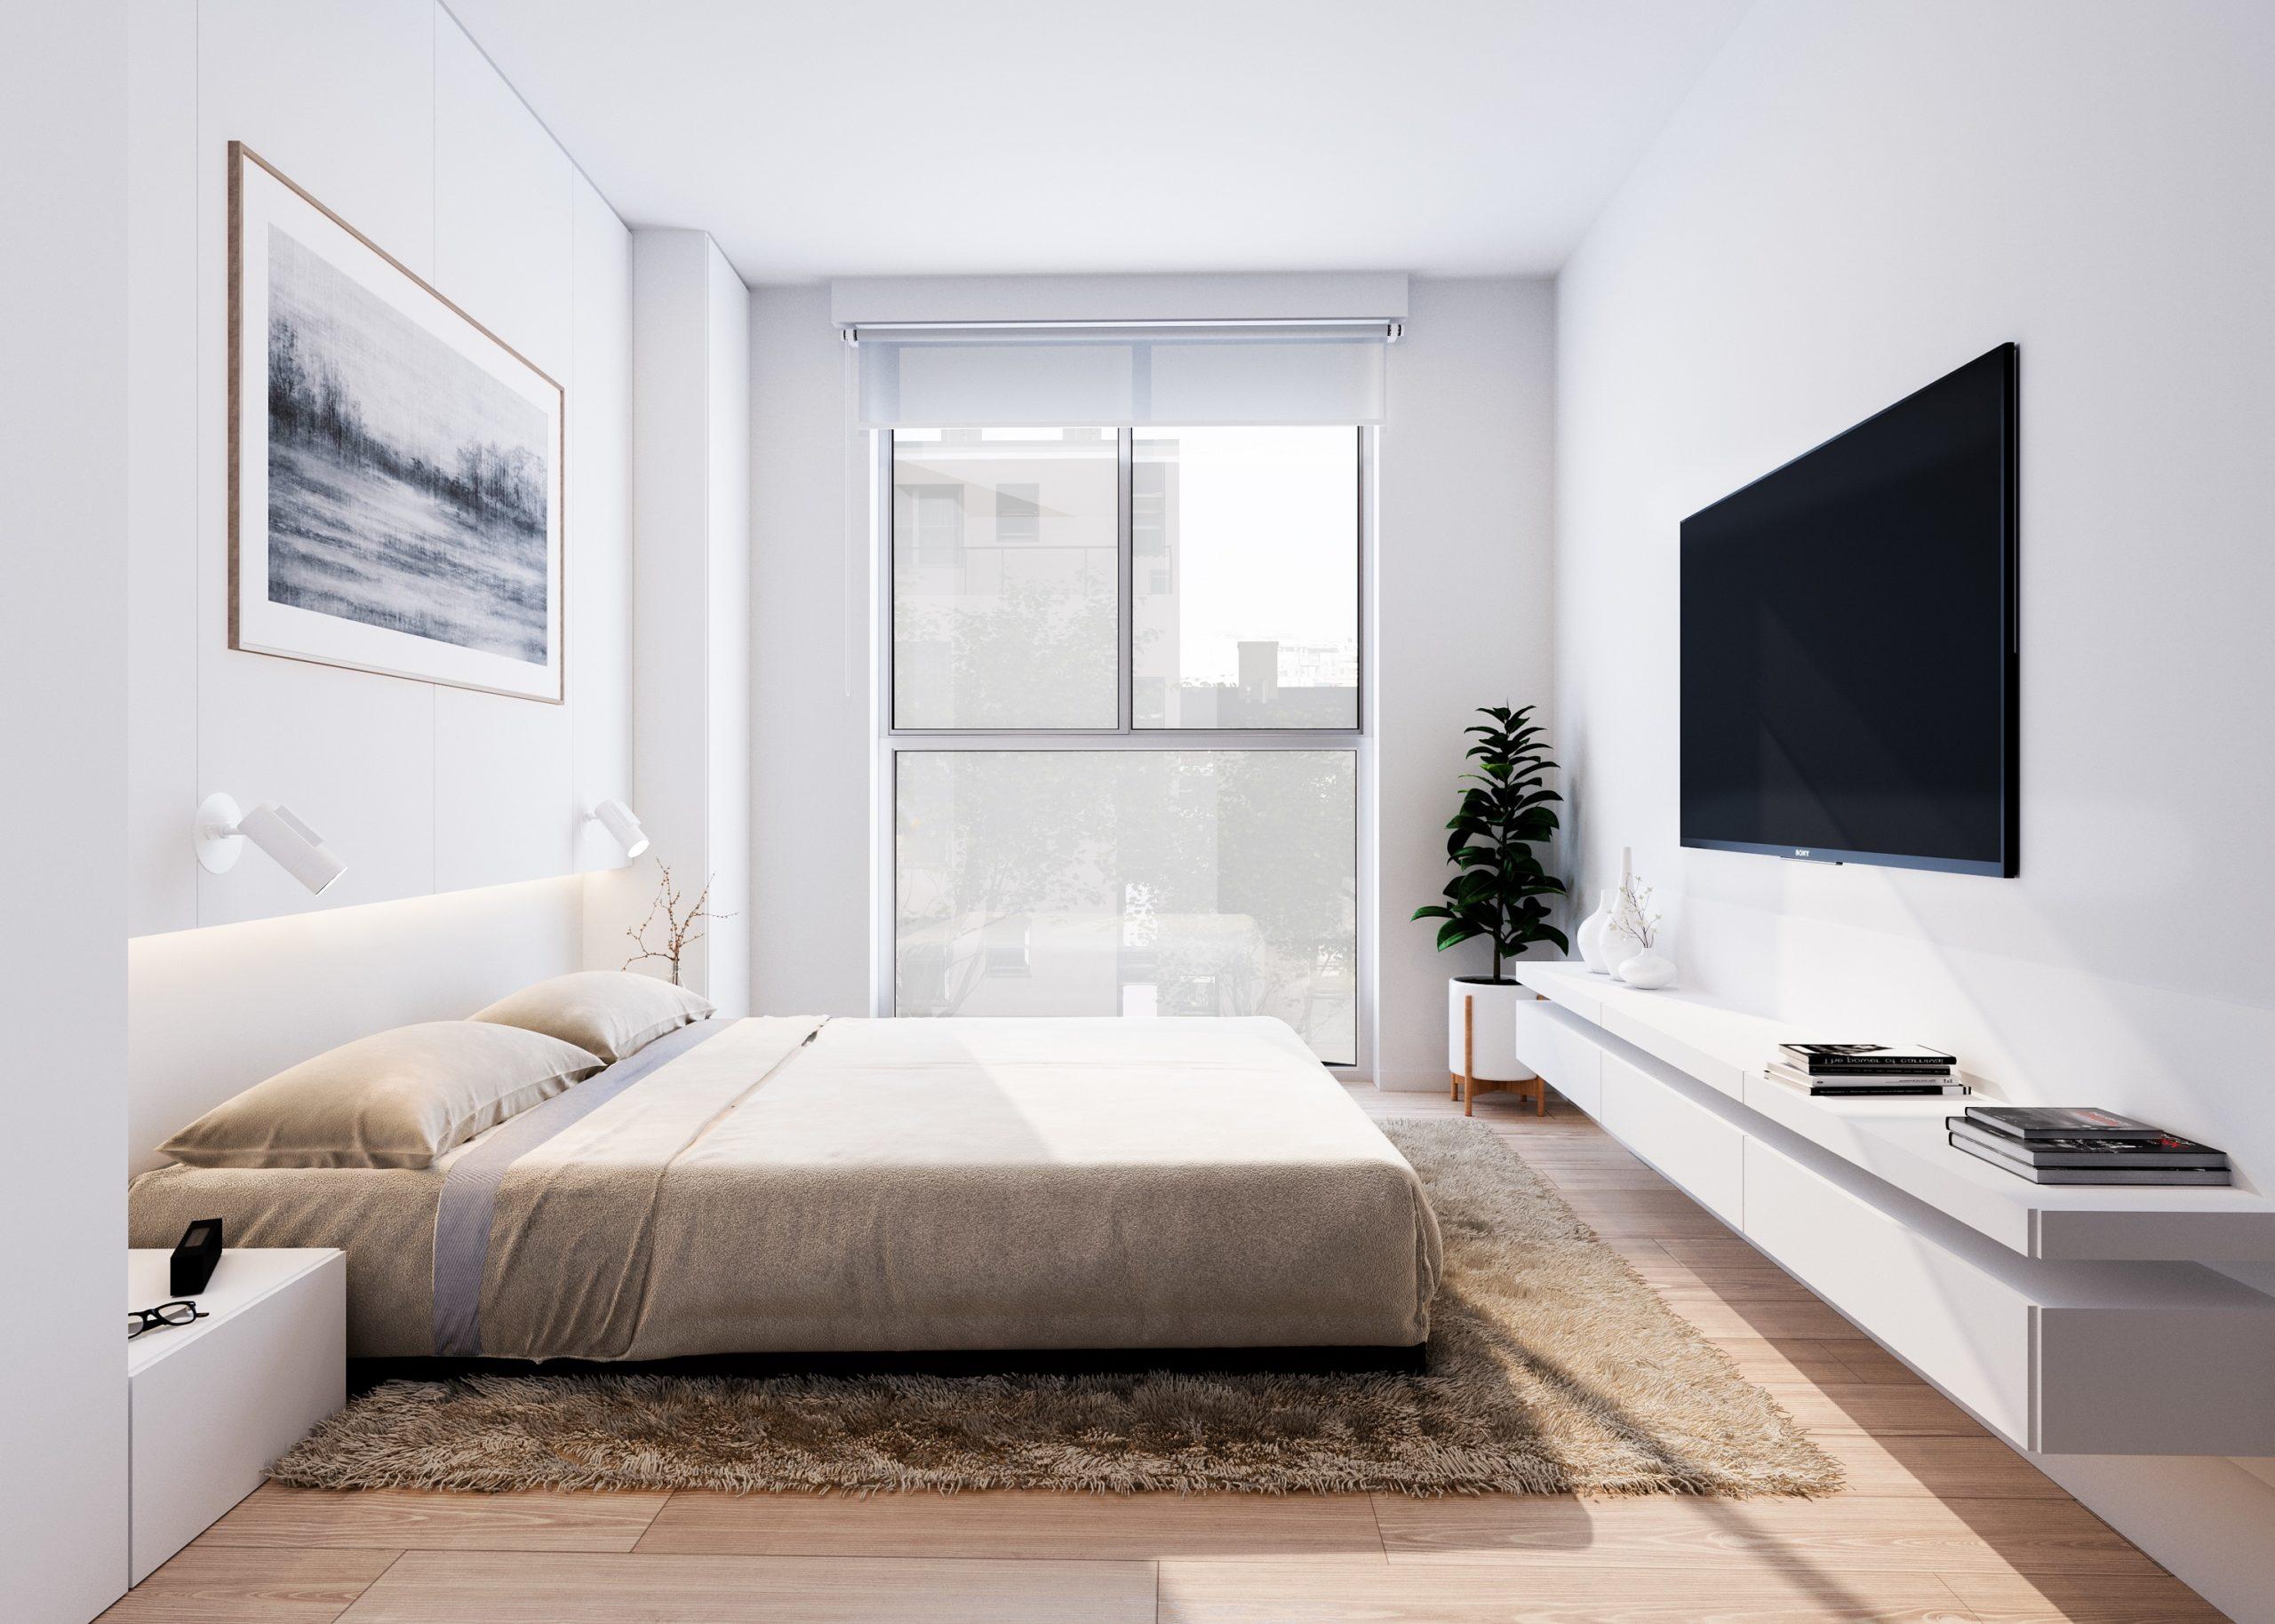 07 WR10 Dormitorio 1